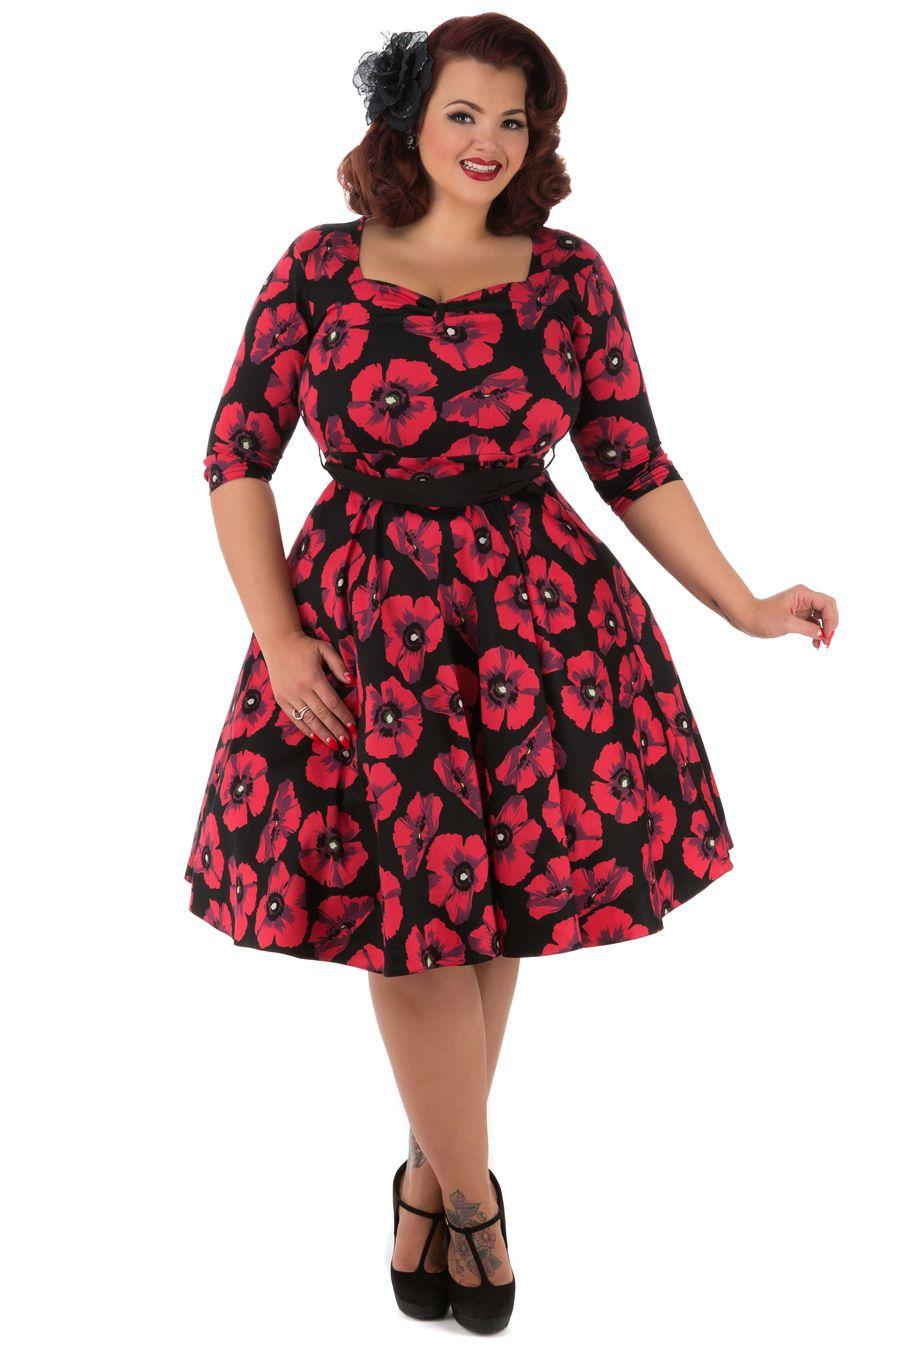 Šaty Lady V London Maria Red Poppy Šaty ve stylu 50. let. pro plnoštíhlé  dámy. Naprosto jedinečné šaty a24a7c0f47